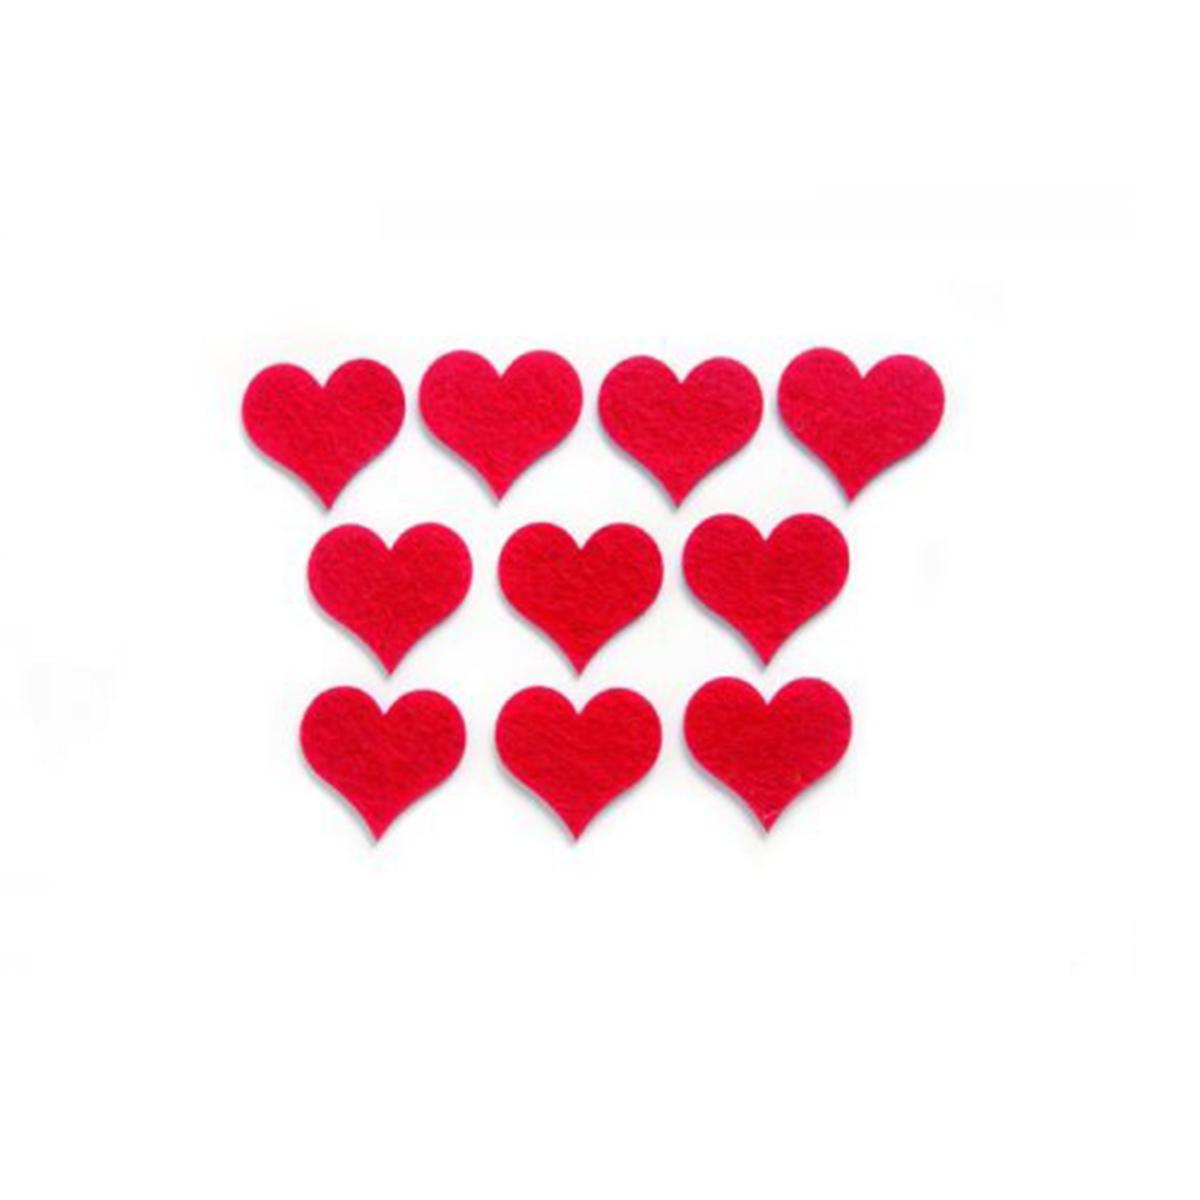 Фигурки из фетра Glorex Сердца, цвет: красный, 4 см, 10 штC0038550Фетр пользуется большой популярностью среди рукодельниц. Его любят за эстетичный вид, практичность и отличную текстуру. Из данного материала вашему вниманию предлагаются заготовки Glorex. Широкое разнообразие цветов и форм поможет реализовать творческие задумки и гармоничным образом дополнить ваше творение. Из фетра можно создавать обложки для книг, ежедневников, игрушки, декоративные чехлы для подушек и многое, многое другое.